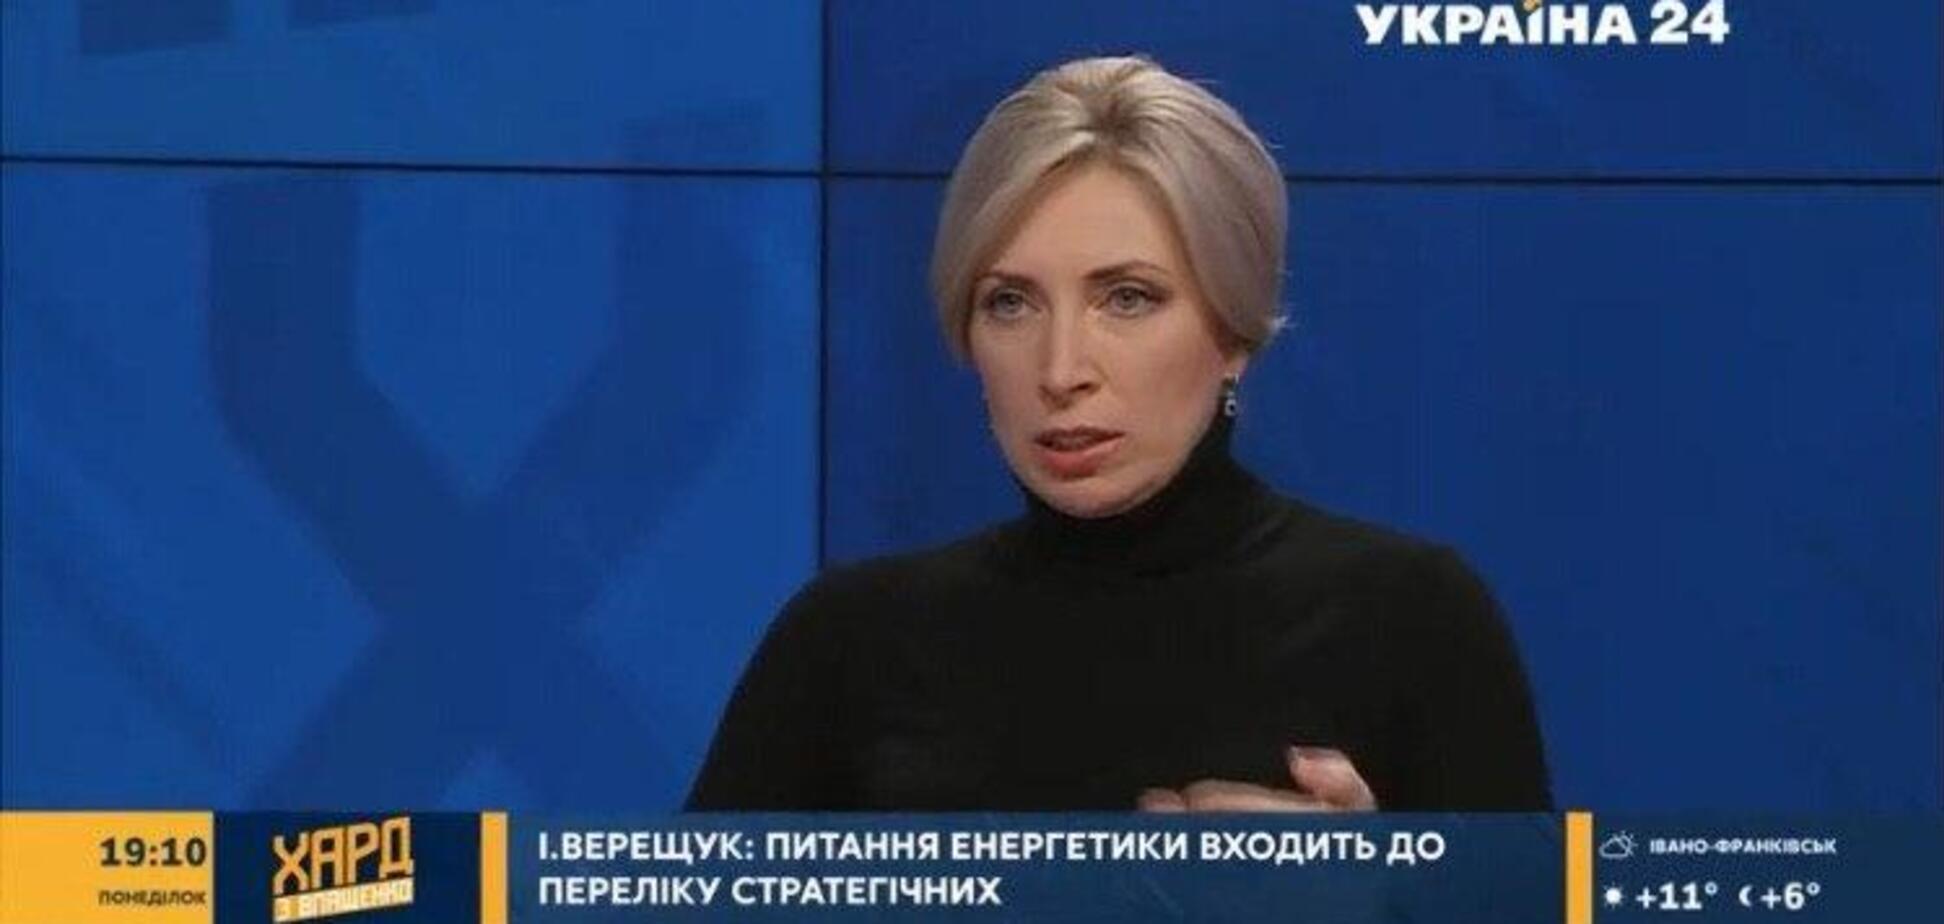 Верещук уверена, что Киев должен позаимствовать у Парижа экологическую стратегию развития